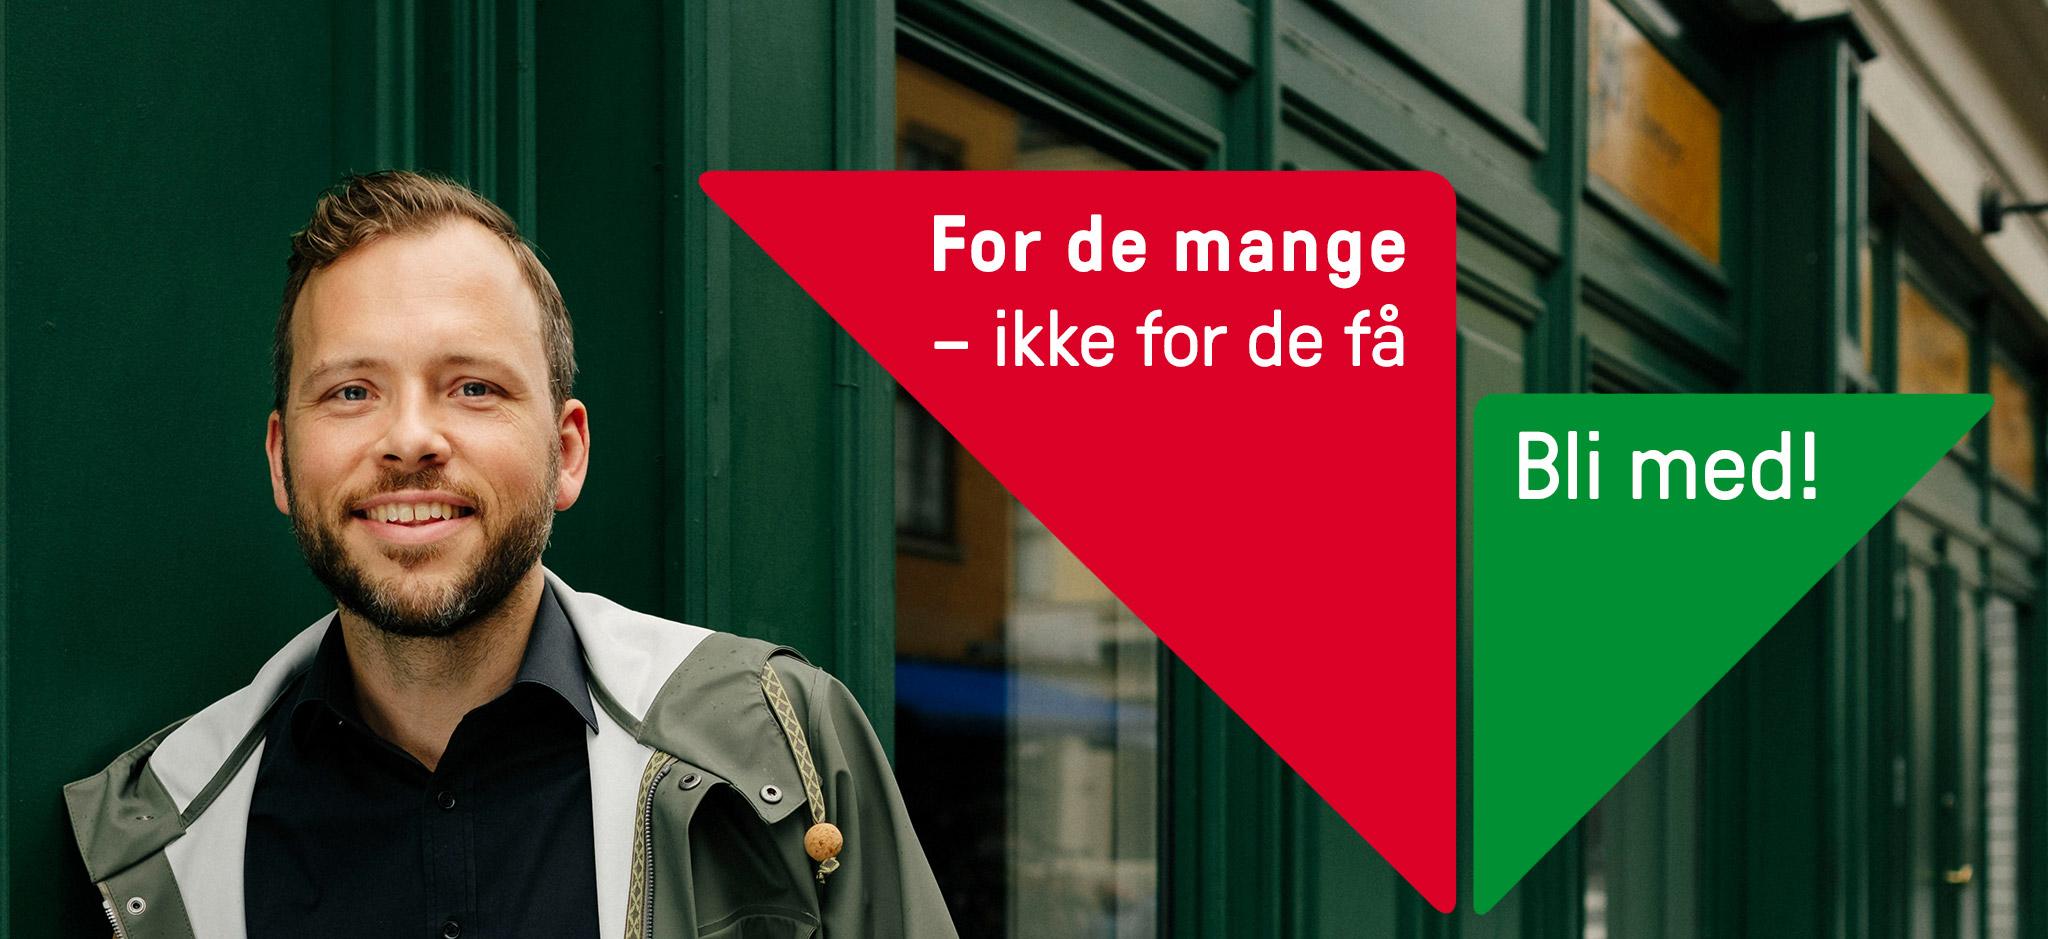 «For de mang – ikke for de få» Portrett av Audun Lysbakken. Grafikk over foto